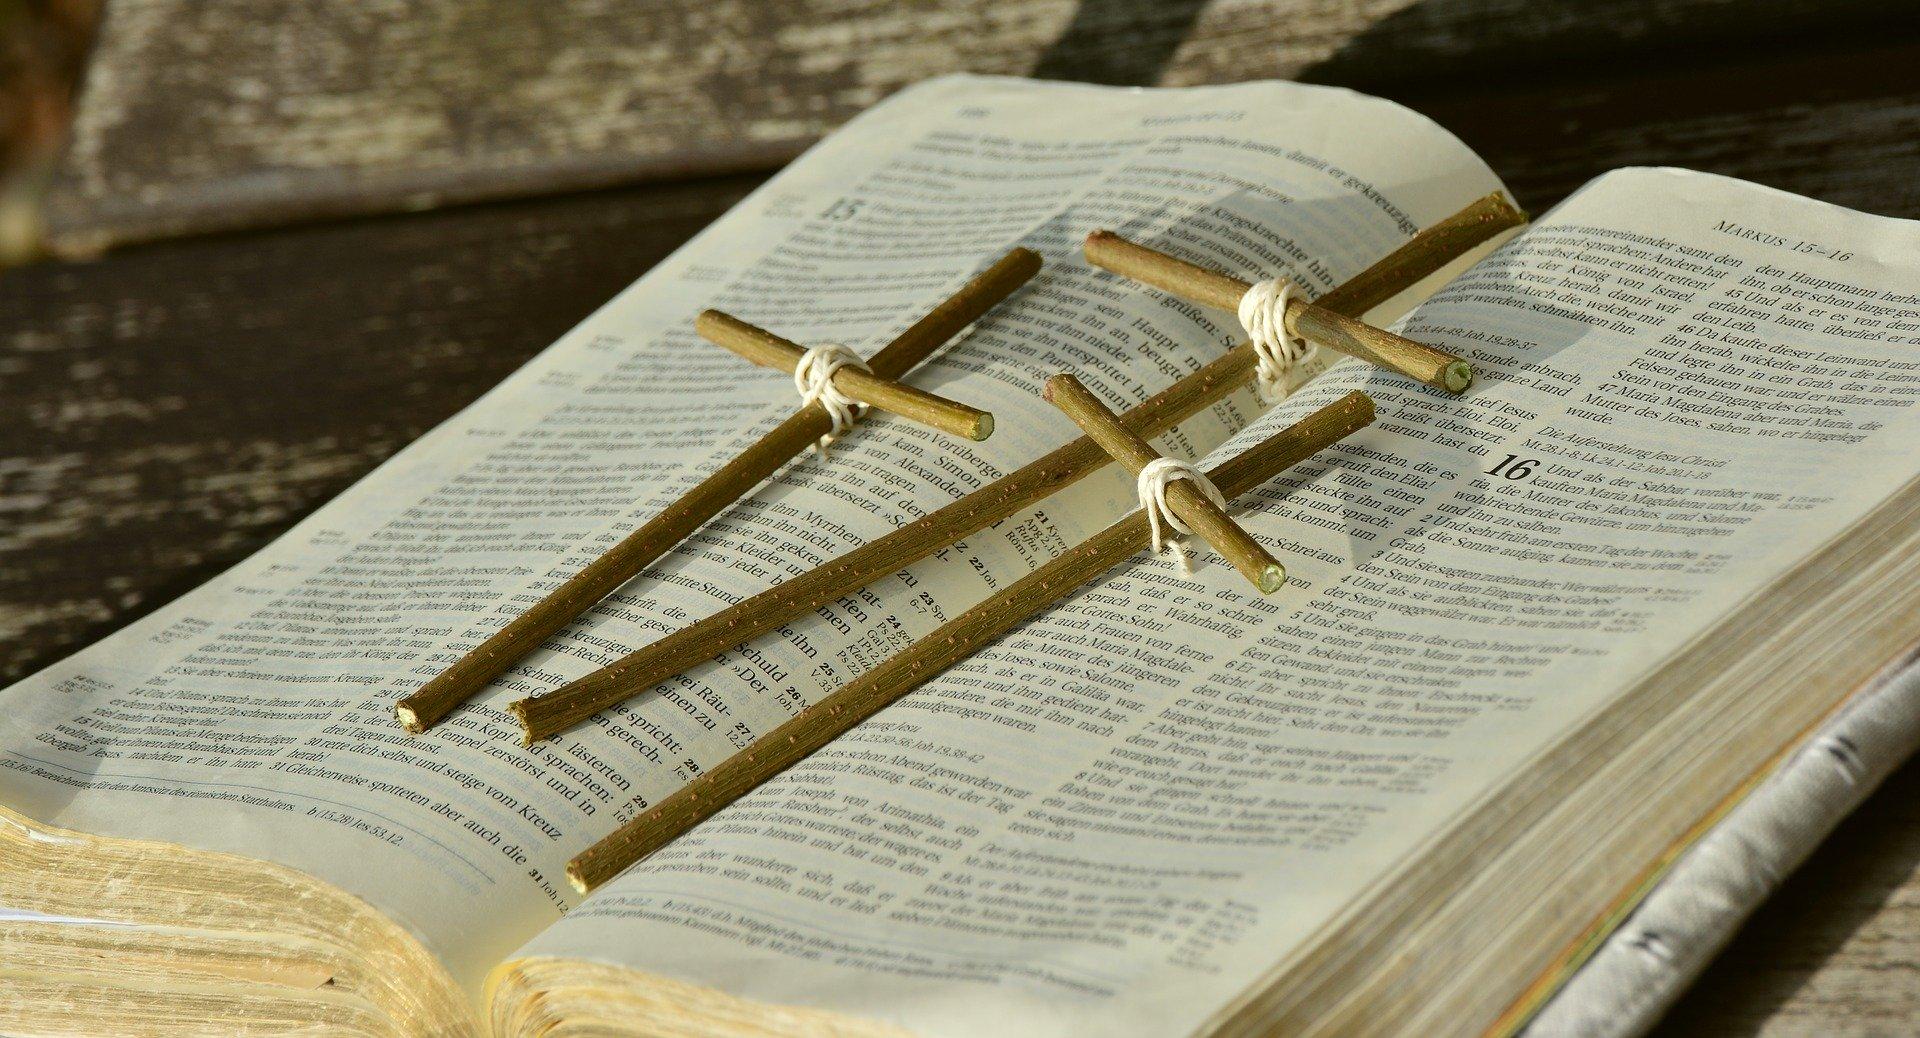 bible-2167783_1920.jpg